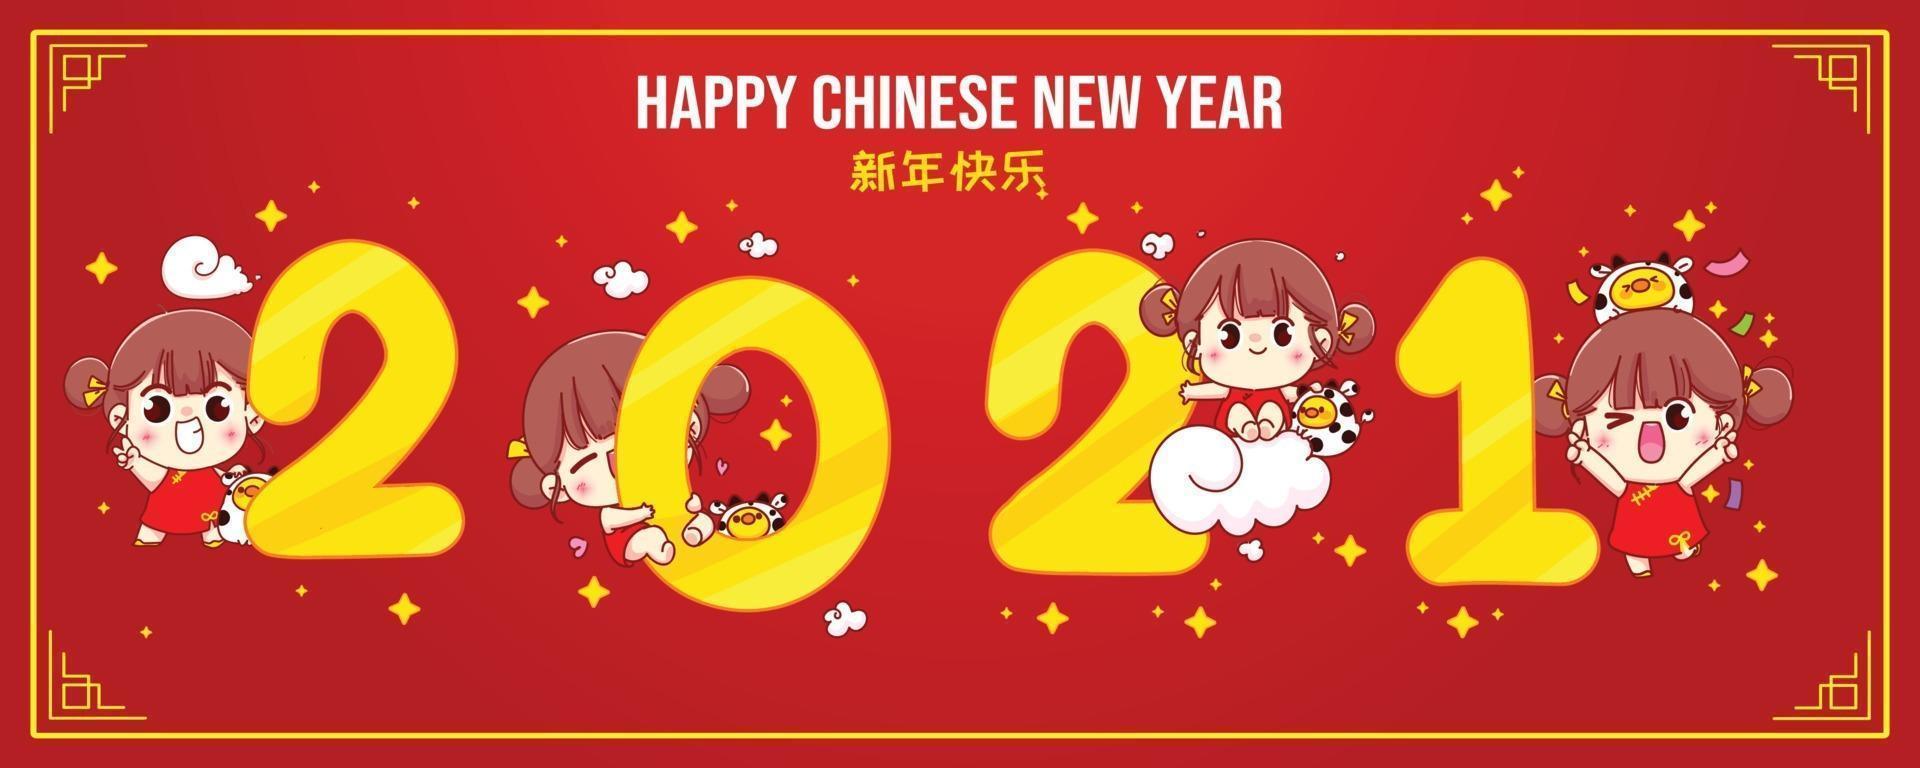 banner de feliz ano novo chinês com ilustração de personagens de desenhos animados de crianças vetor